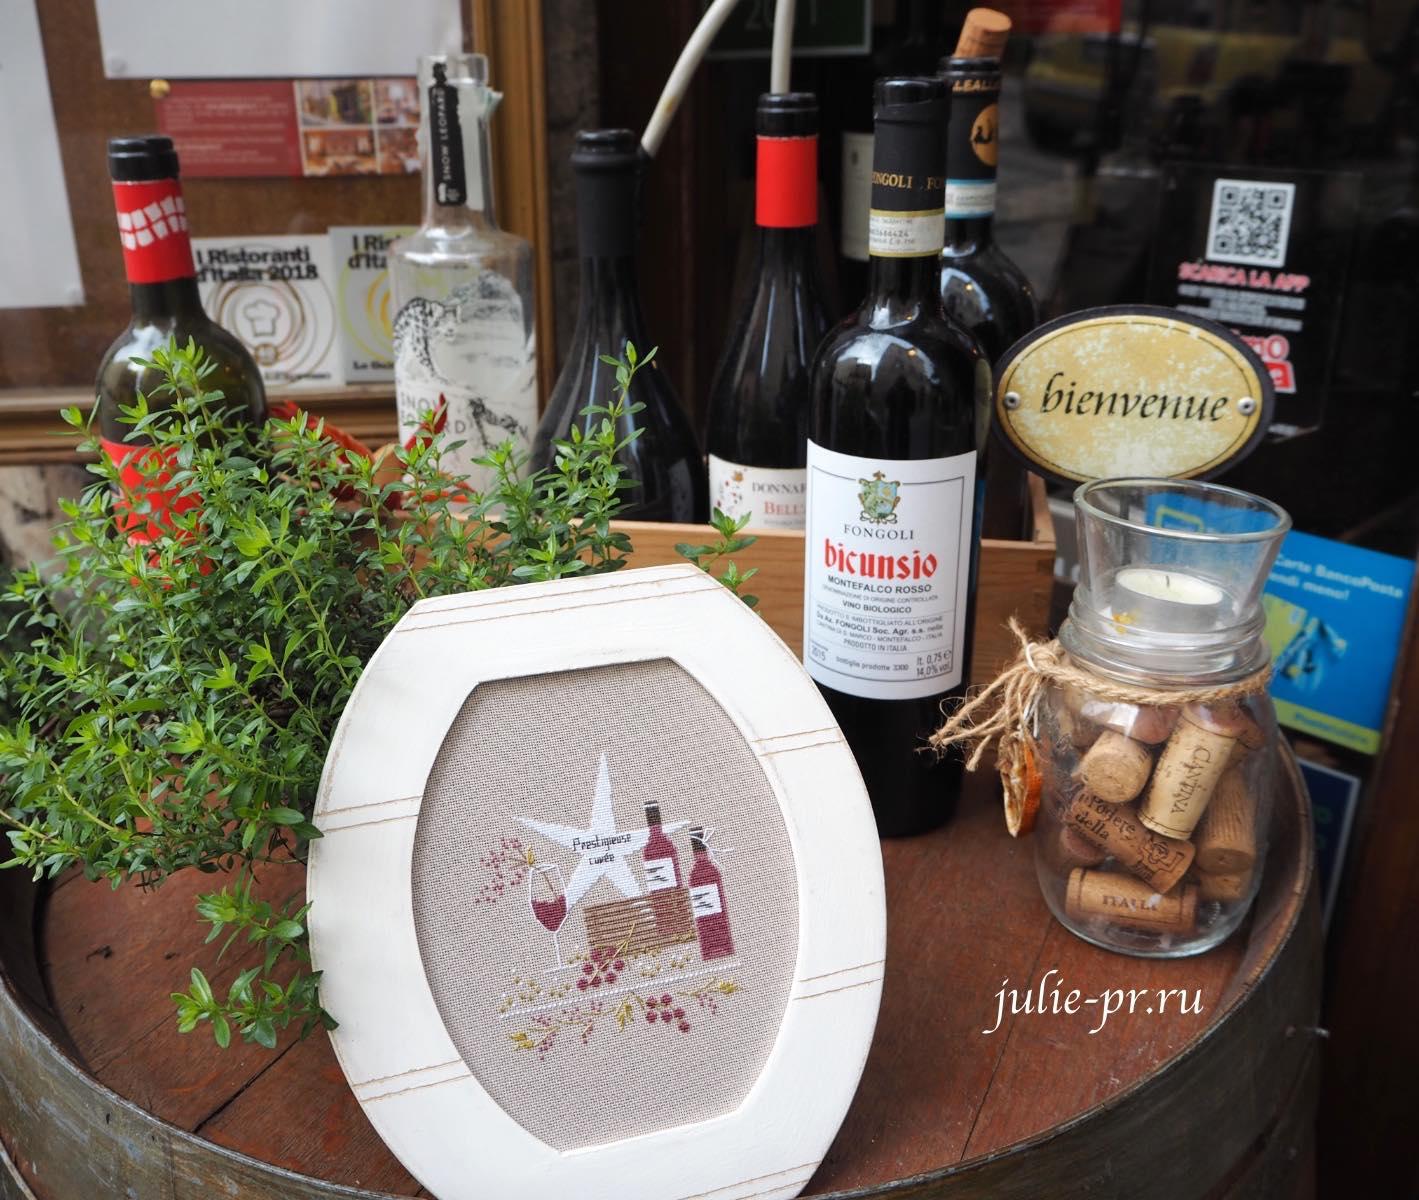 Вышивка крестом, Jennifer Lentini - 1803 Bordeaux / Бордо, вино, Une Croix, Le Temps D'un The